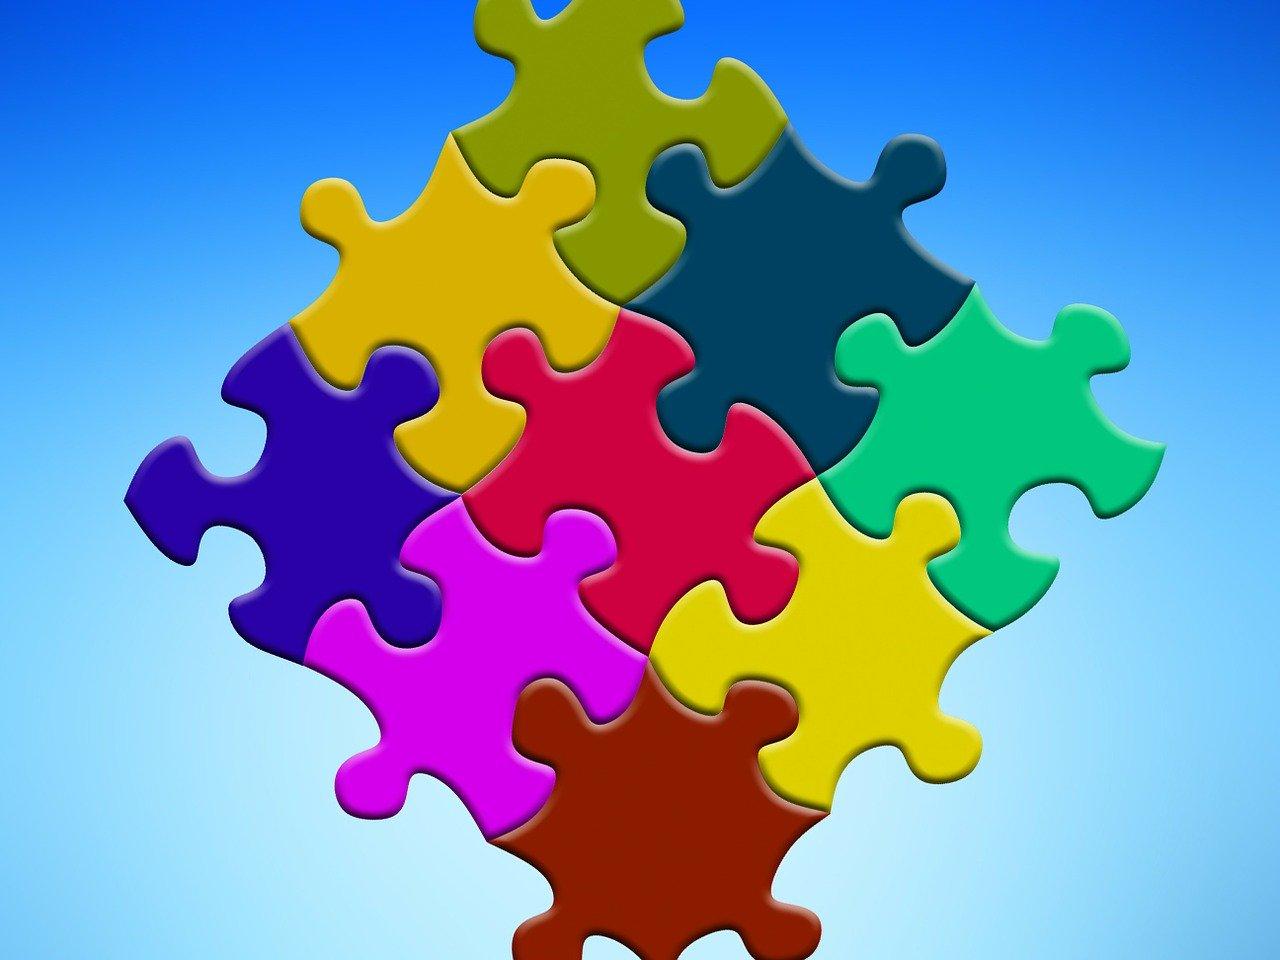 Imagen de un puzzle.